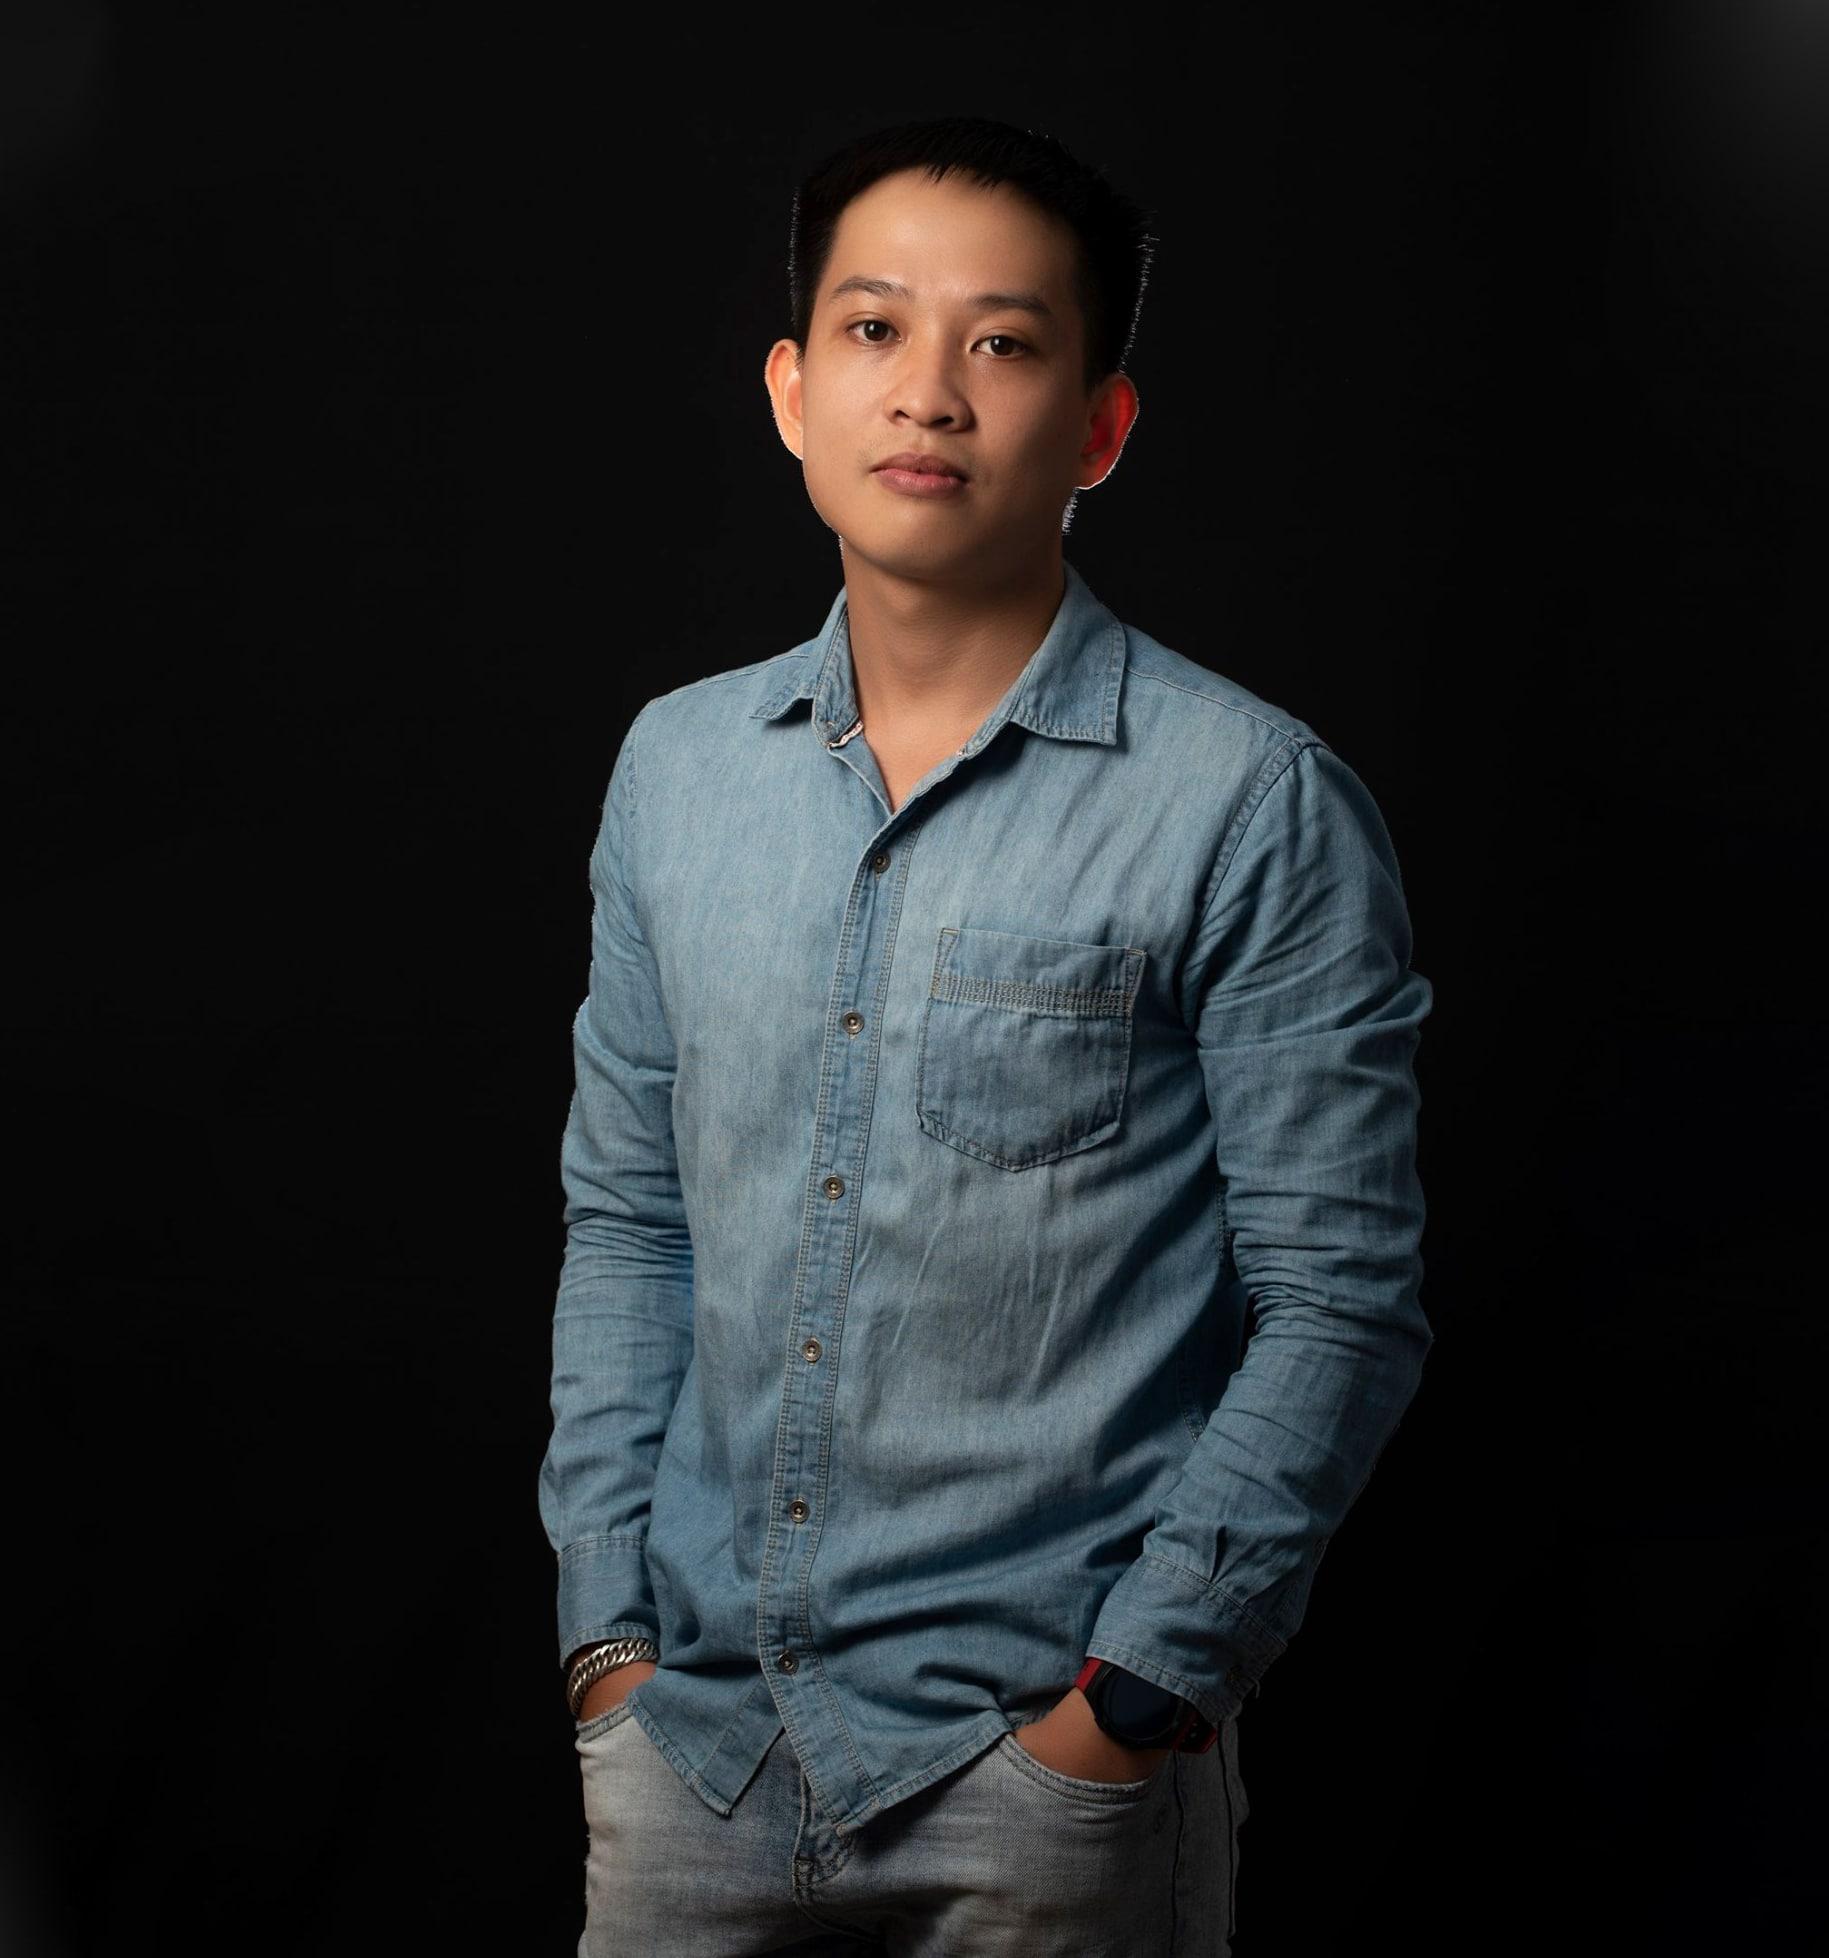 Tu hoang min - Cách chụp ảnh nghệ thuật cá tính cho nam & nữ - HThao Studio